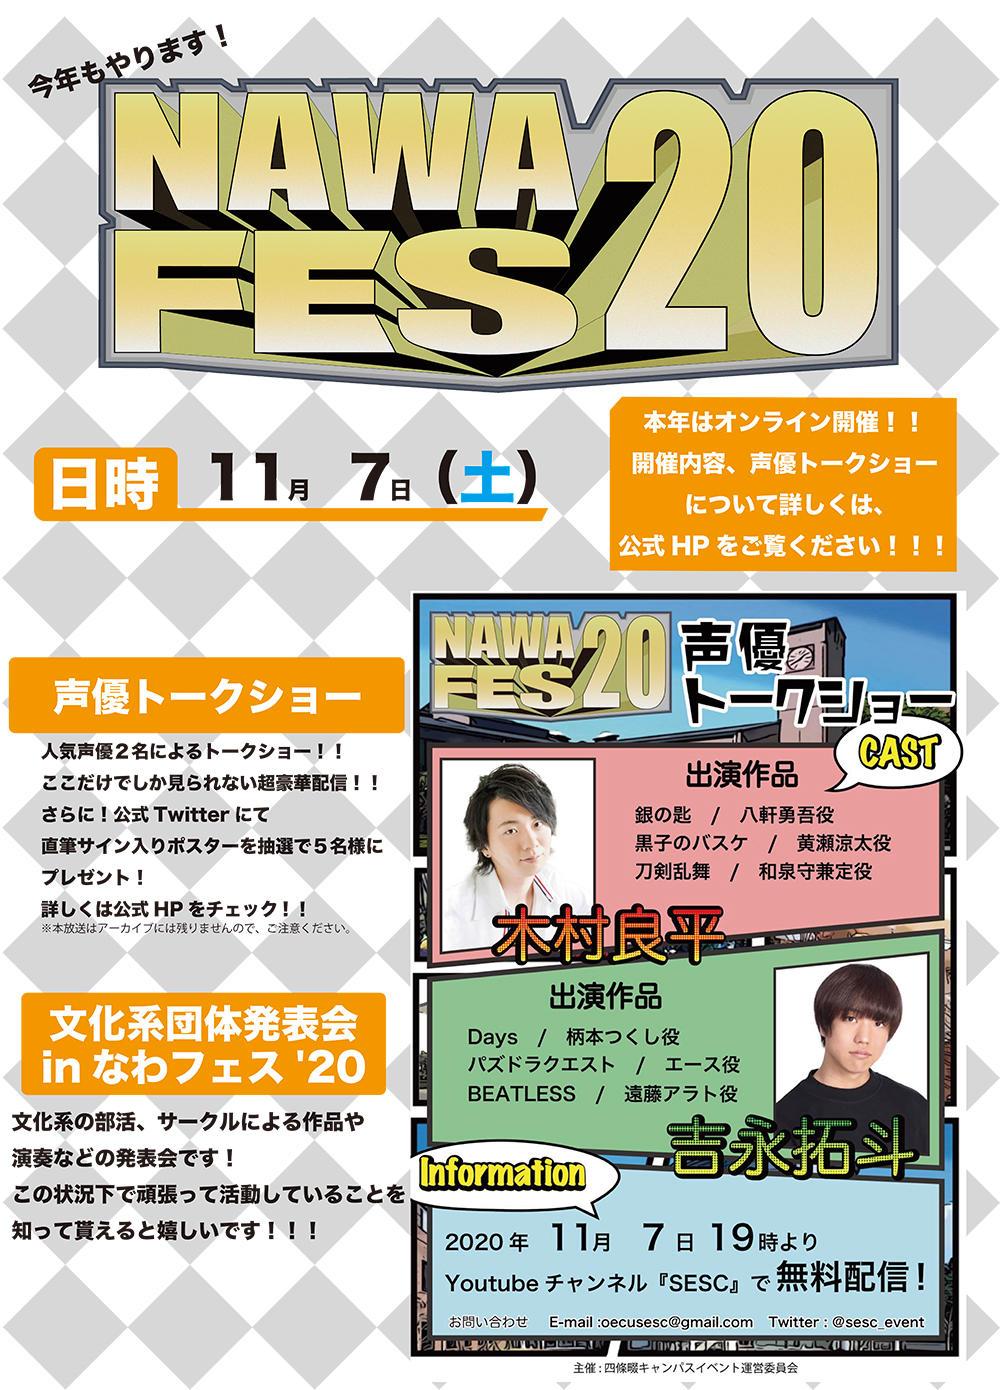 11月7日(土)に大阪電気通信大学 四條畷キャンパスの祭典「なわフェス'20」で大人気企画 声優トークショーをオンライン開催します!